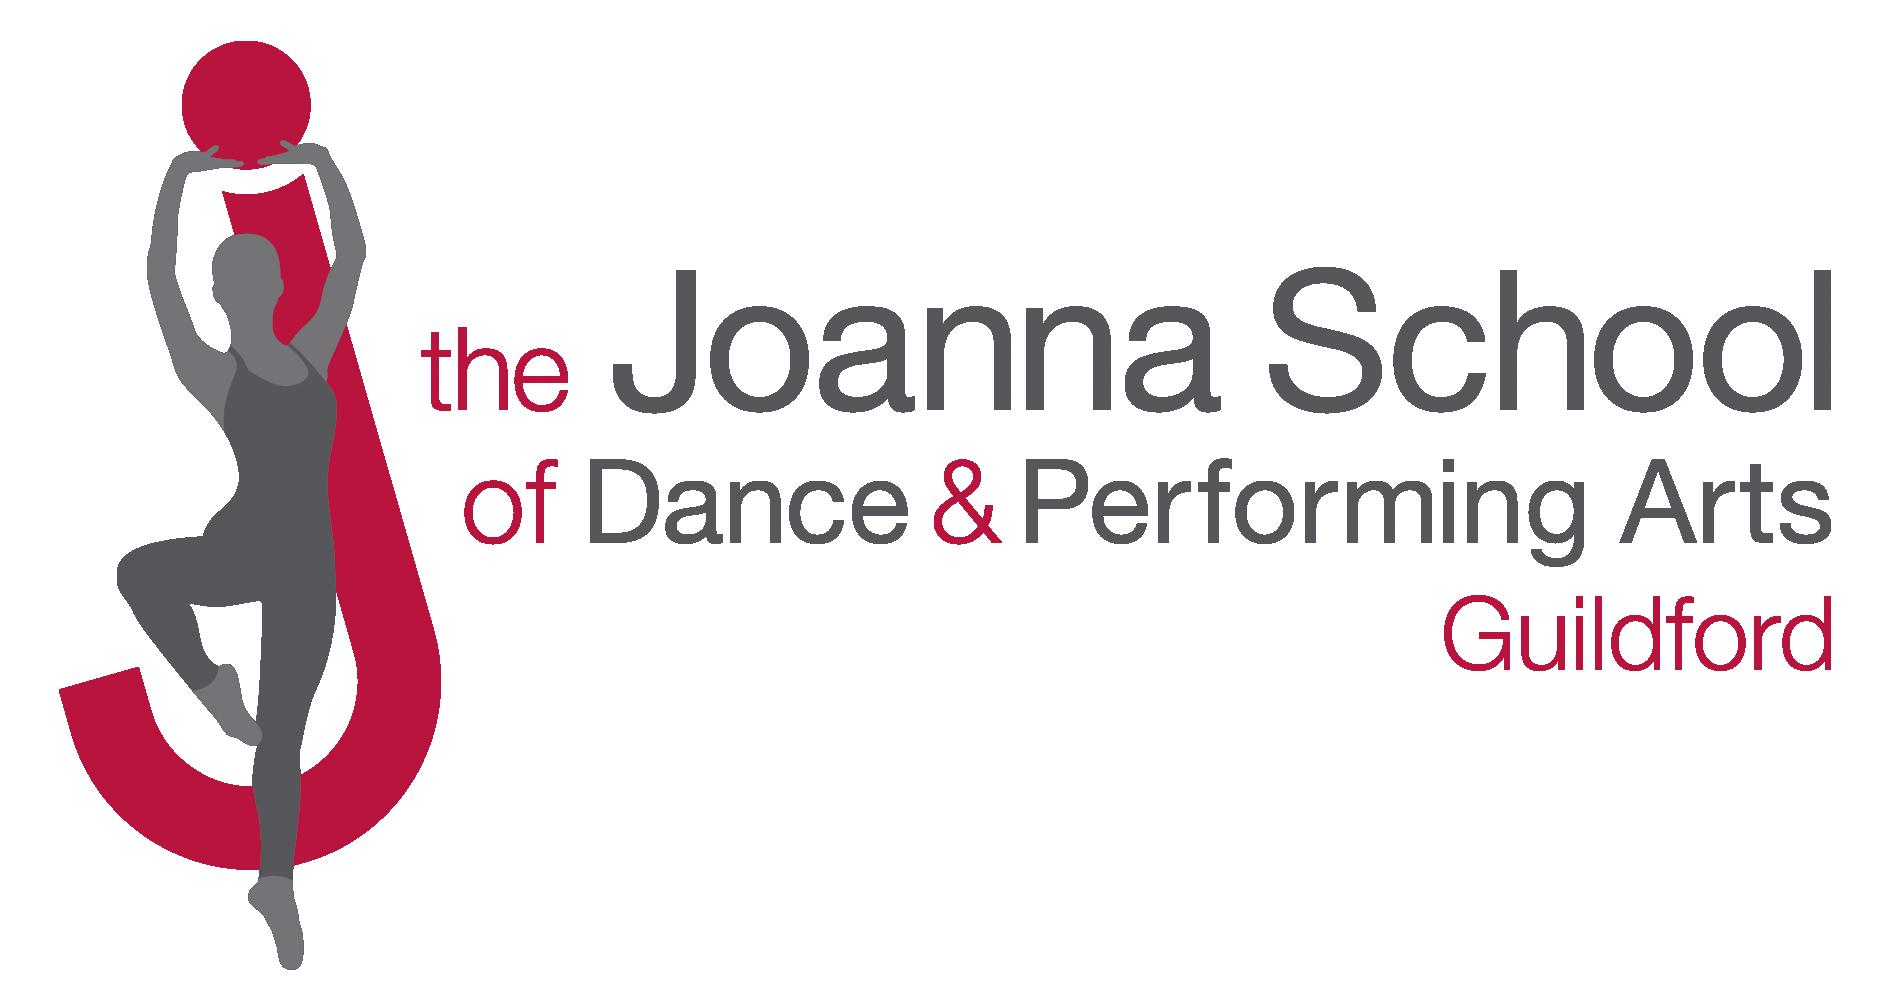 joannaschoolofdance